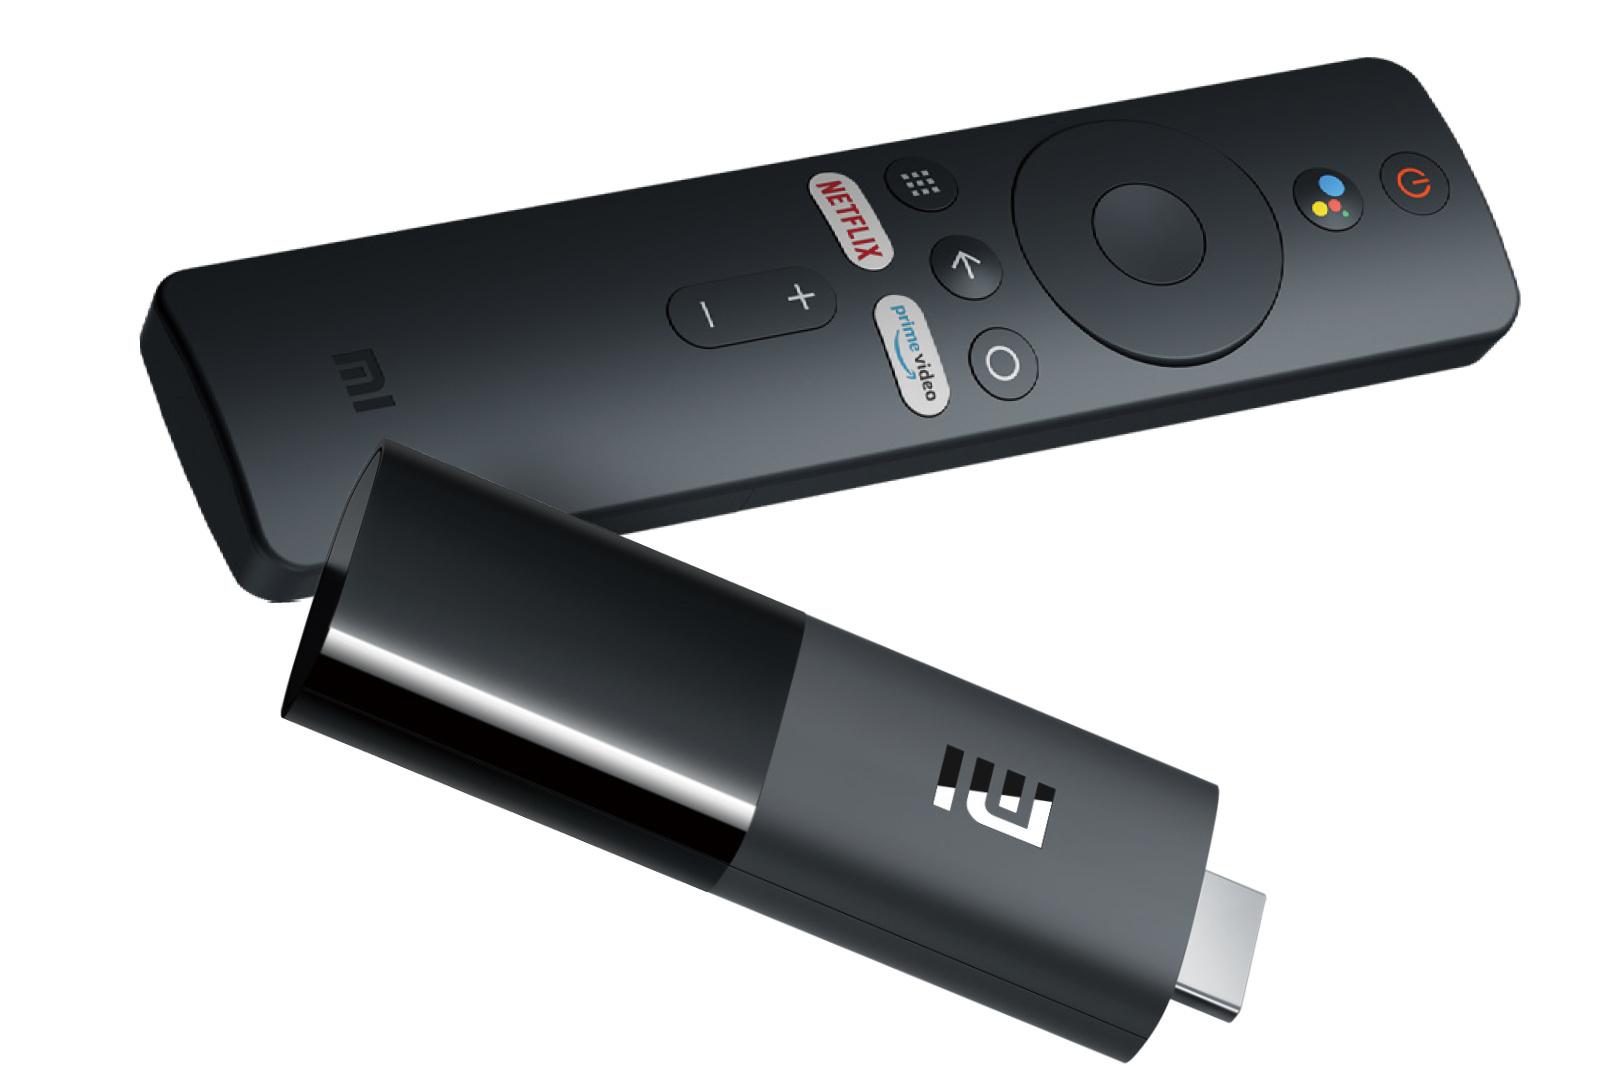 Le xiamo Mi TV Stick pour se passer d'une box netflix